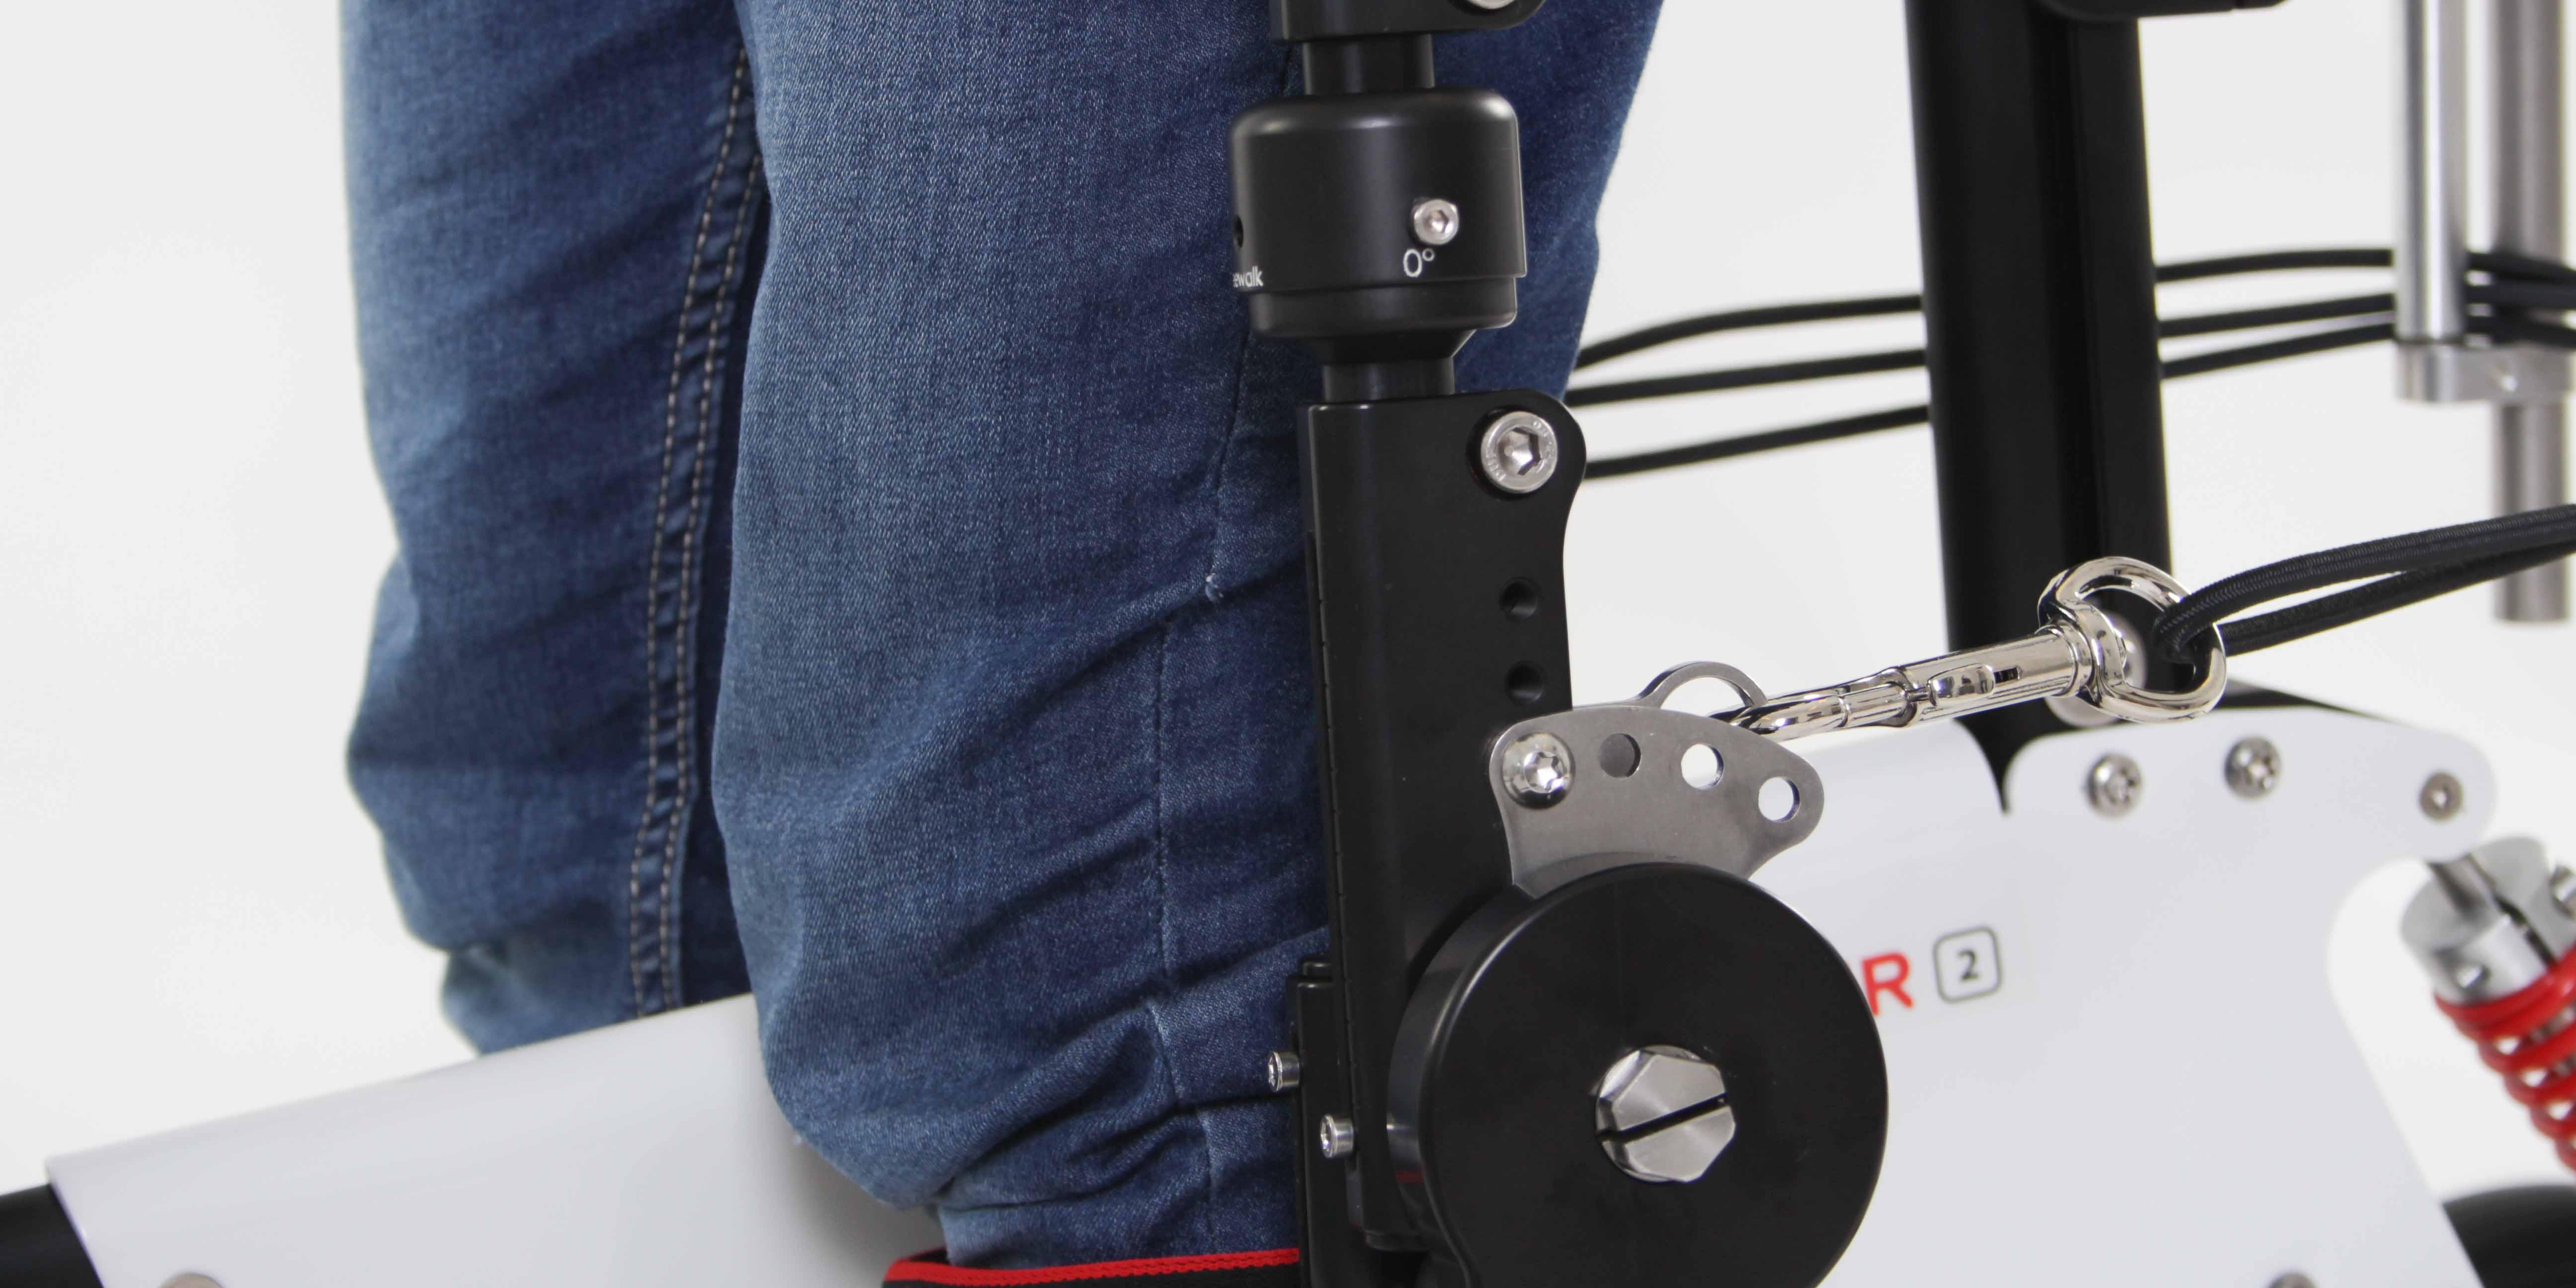 Brace Rotation System (S)